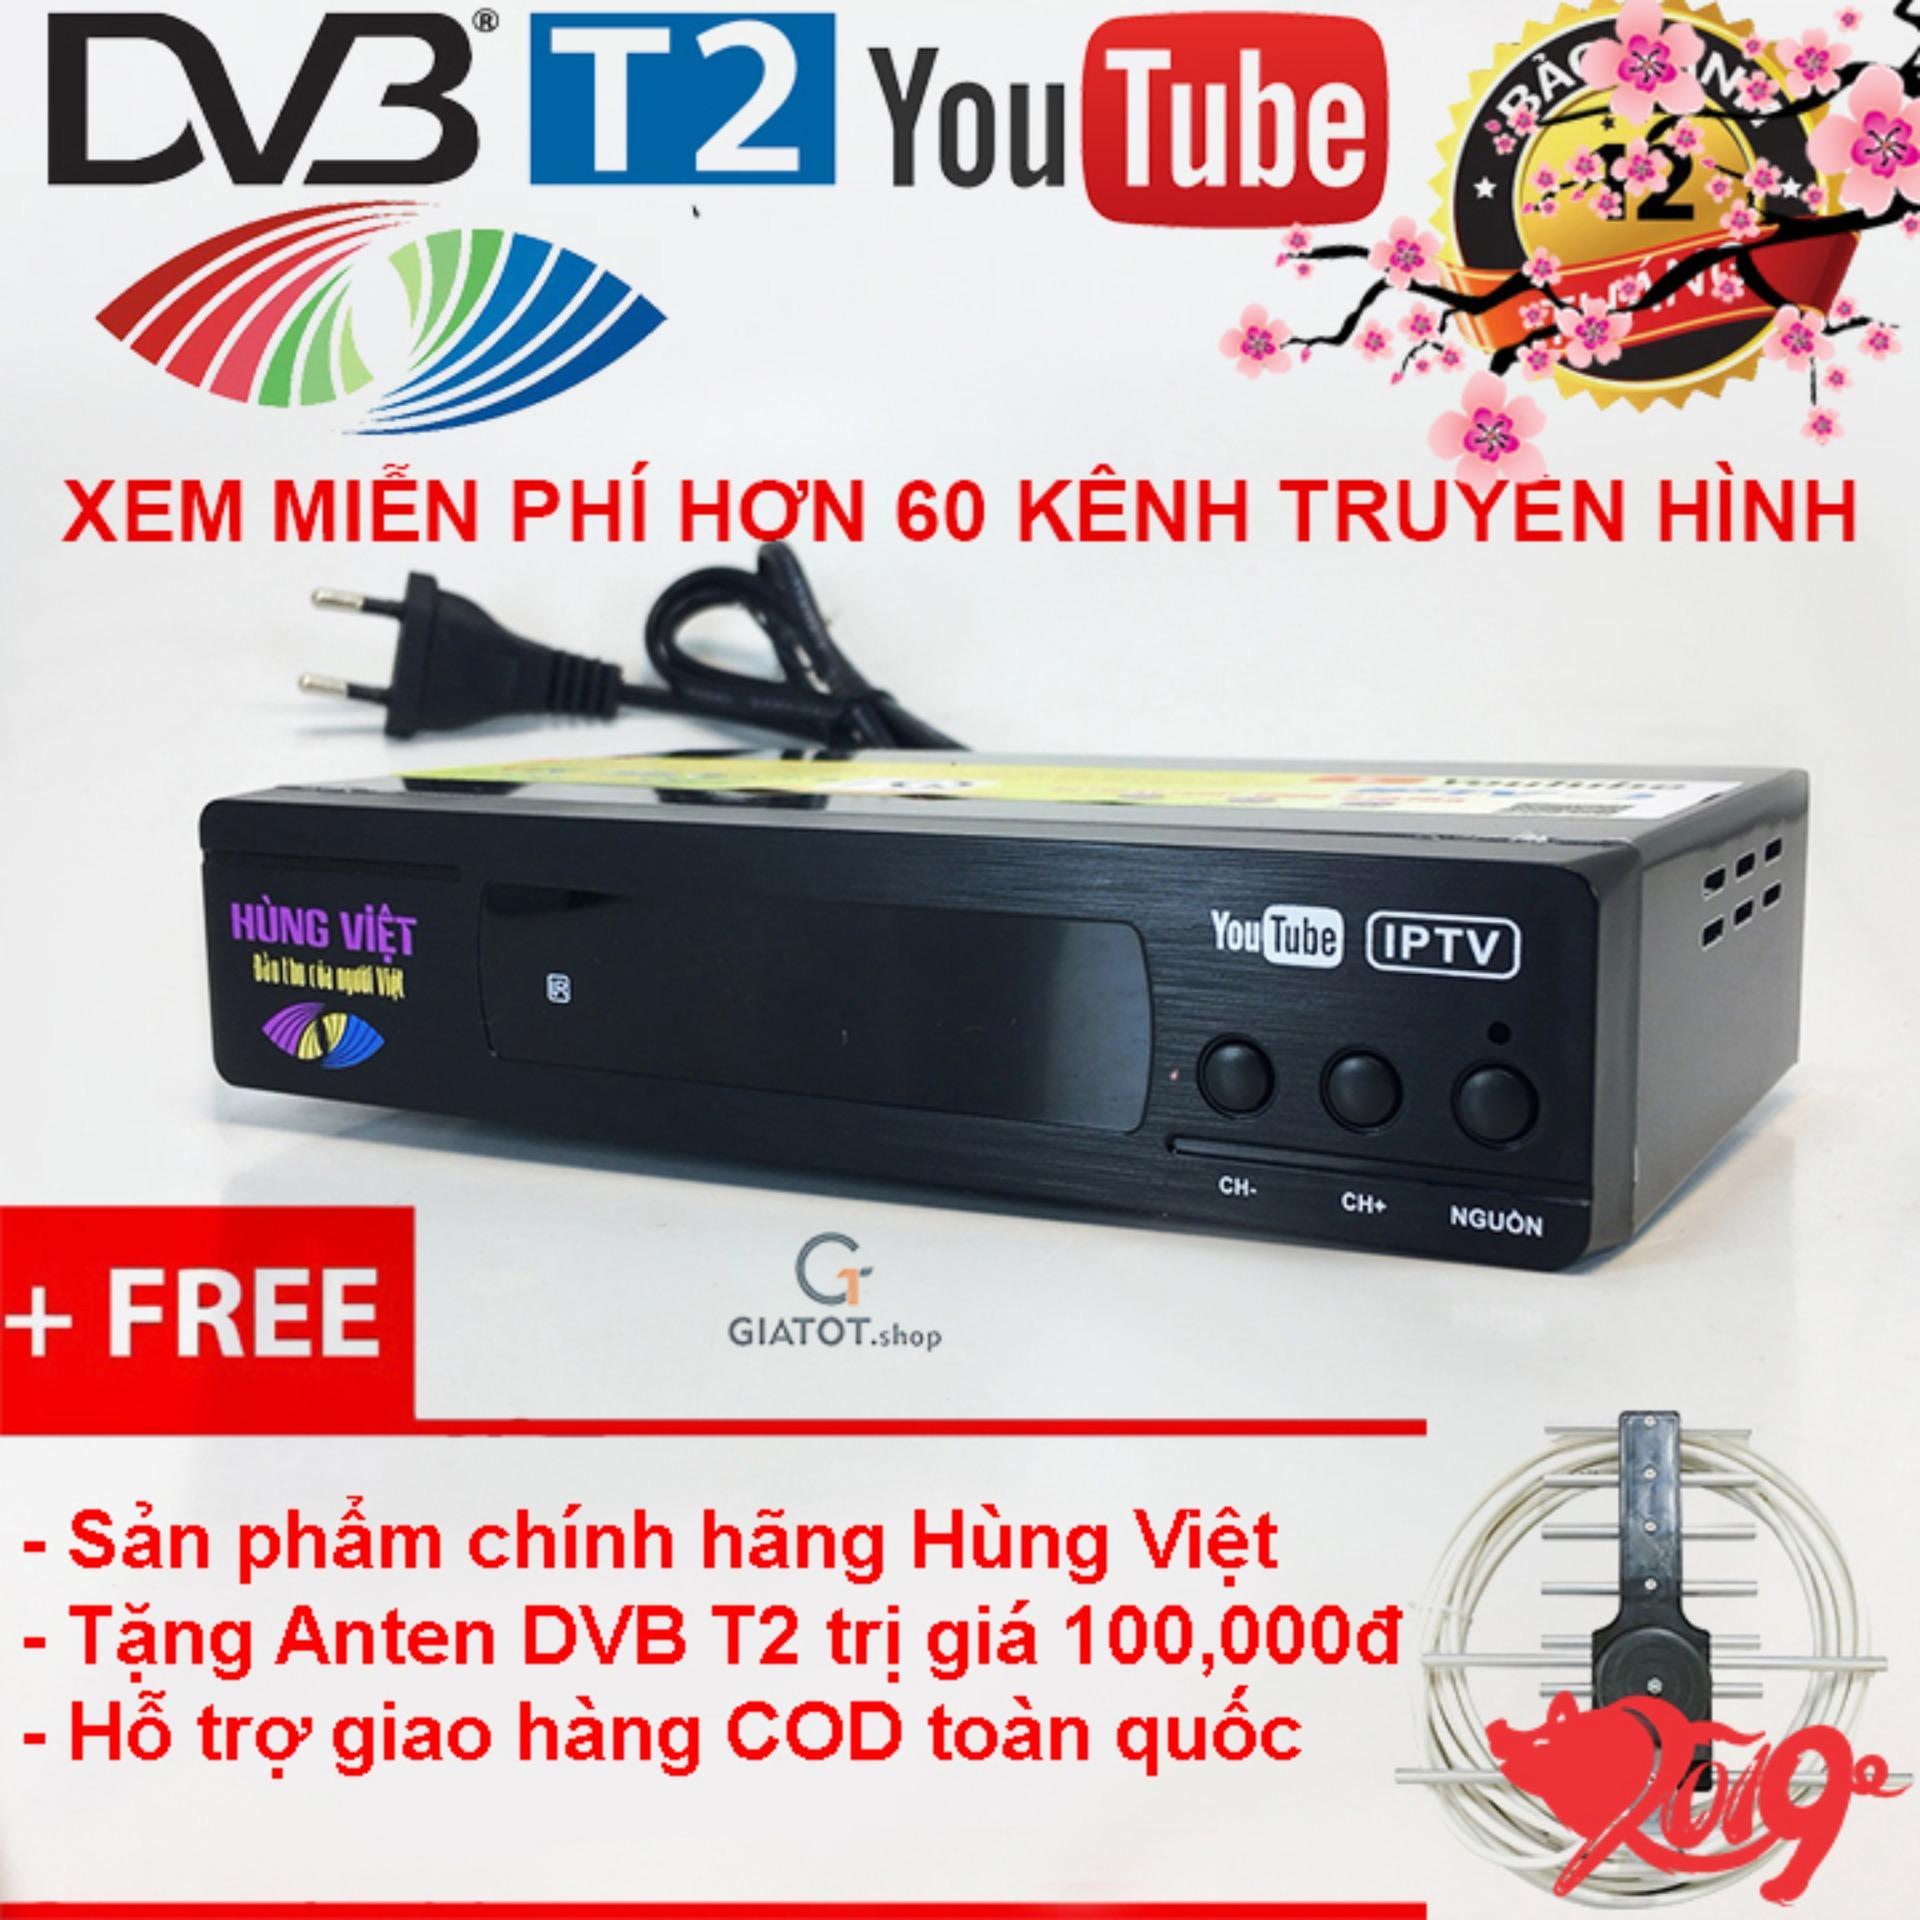 Giá Đầu thu kỹ thuật số DVB T2 HÙNG VIỆT TS-123 Internet & bộ phụ kiện Điện máy Tân Đại Phát